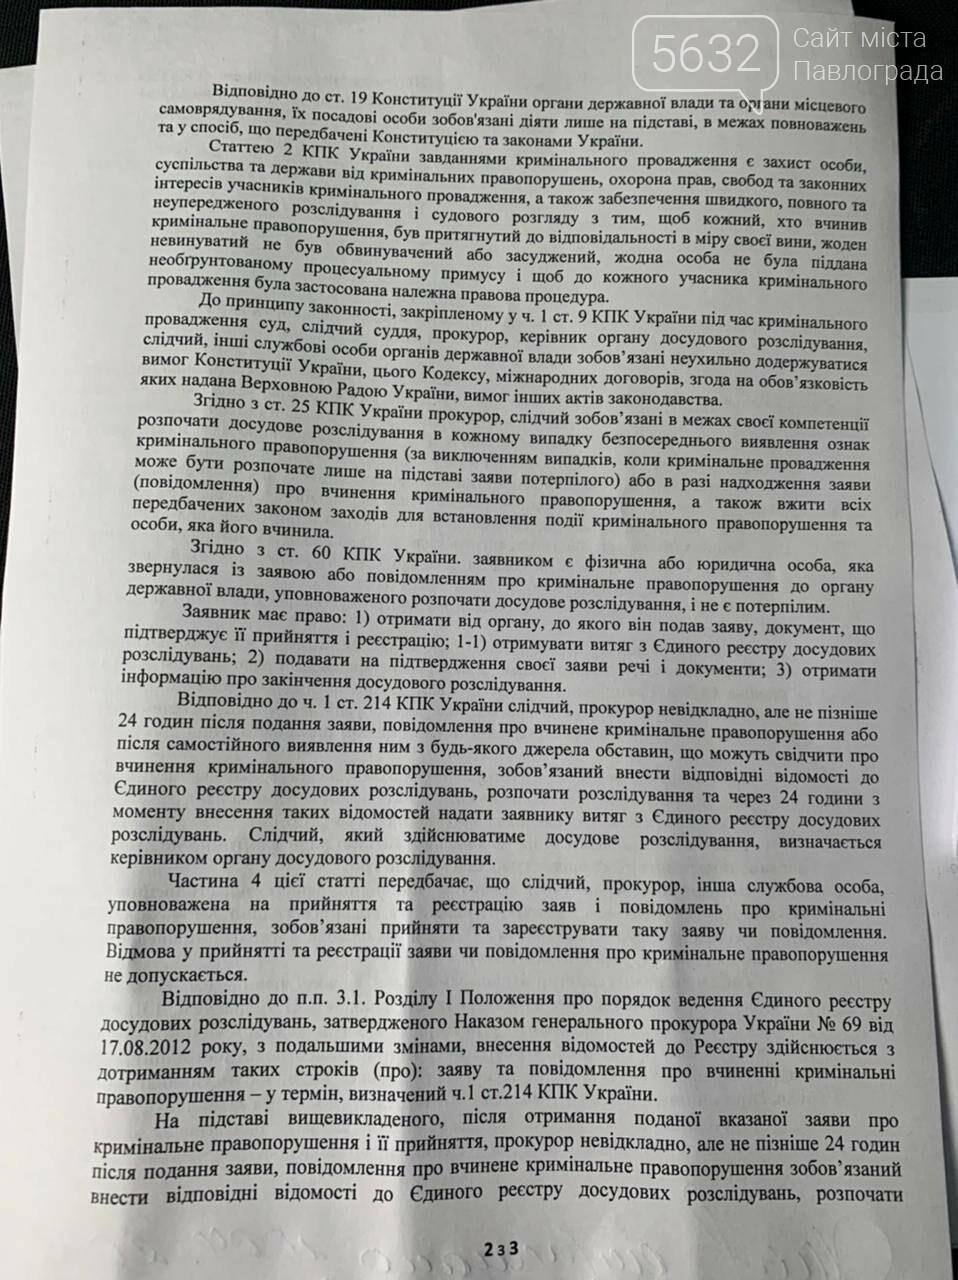 Коррупционный скандал на Днепропетровщине: в Новомосковске экс-секретарь городского совета обвиняется в растрате бюджетных средств, фото-2